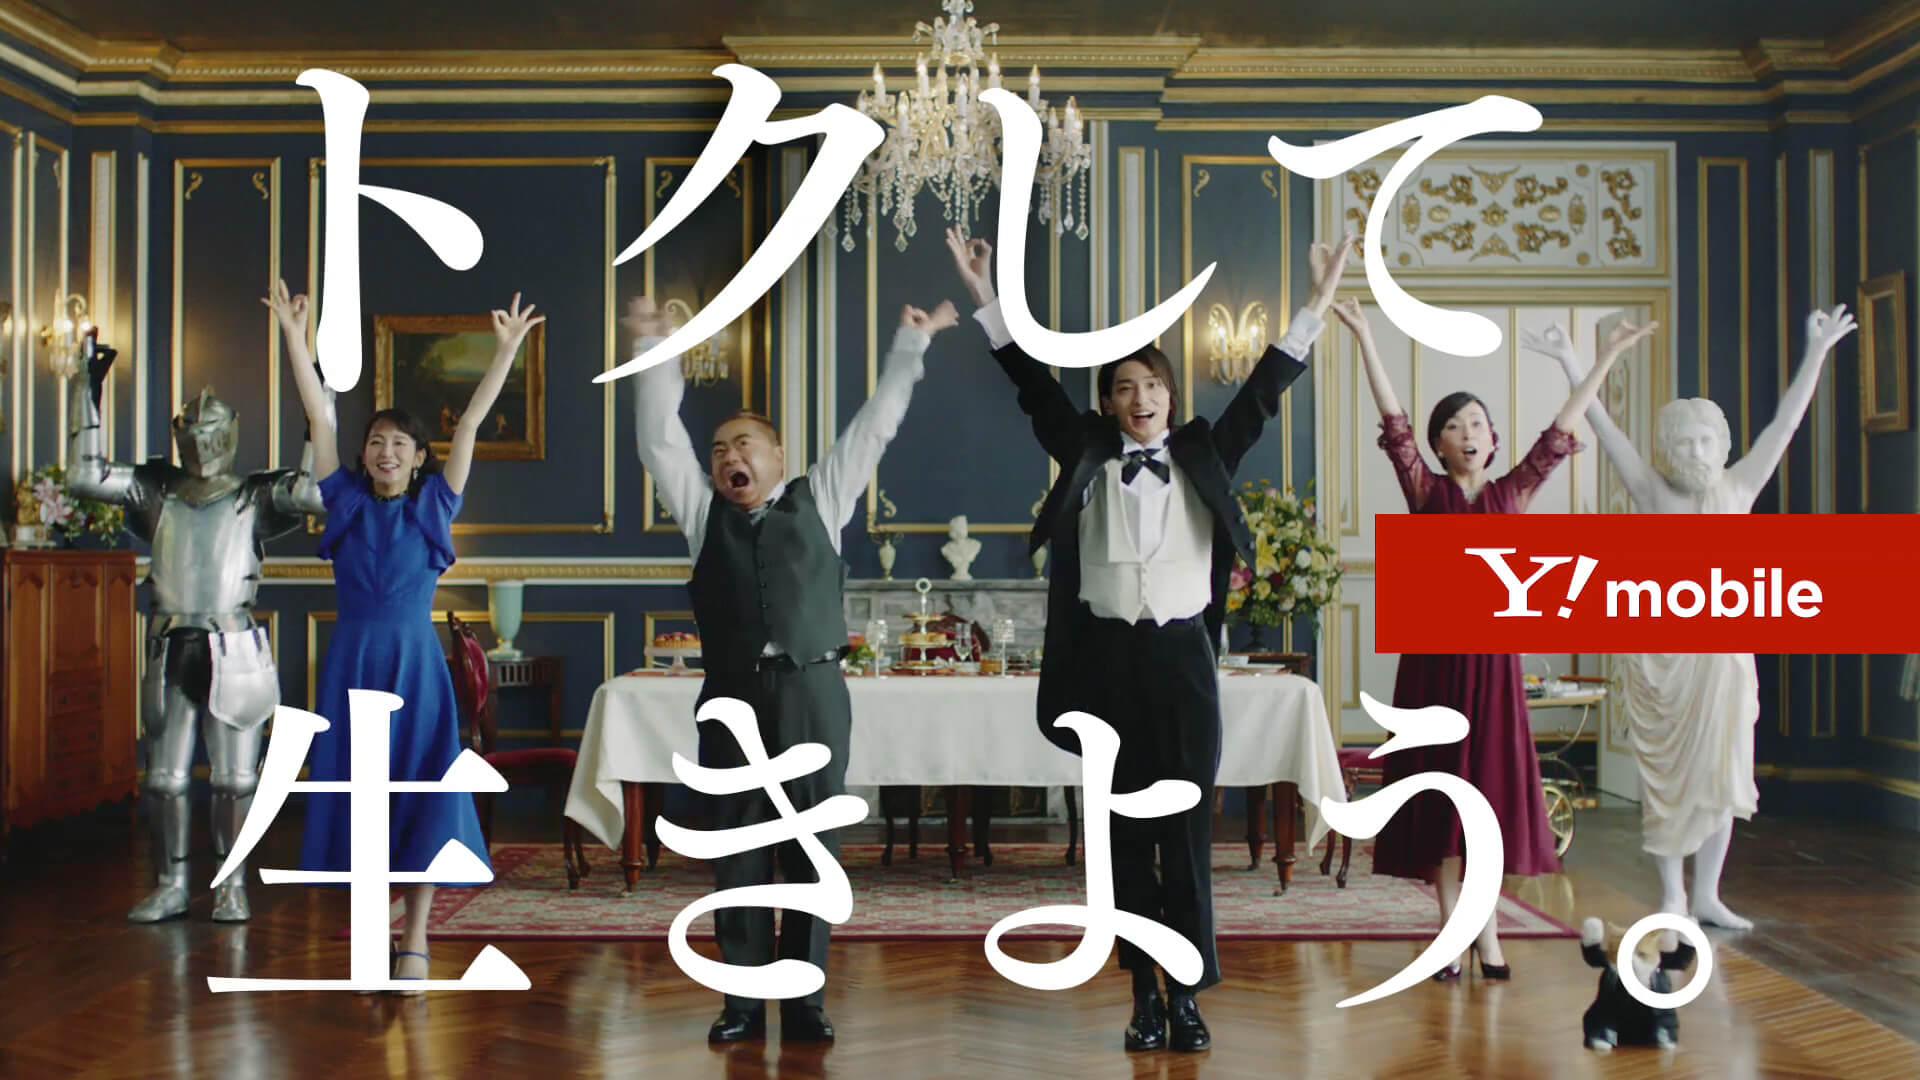 ワイモバイル新CMで横浜流星が出川哲朗、吉岡里帆も驚きの超かっこいいハイキックを披露! art190926_ymobile_cm_4